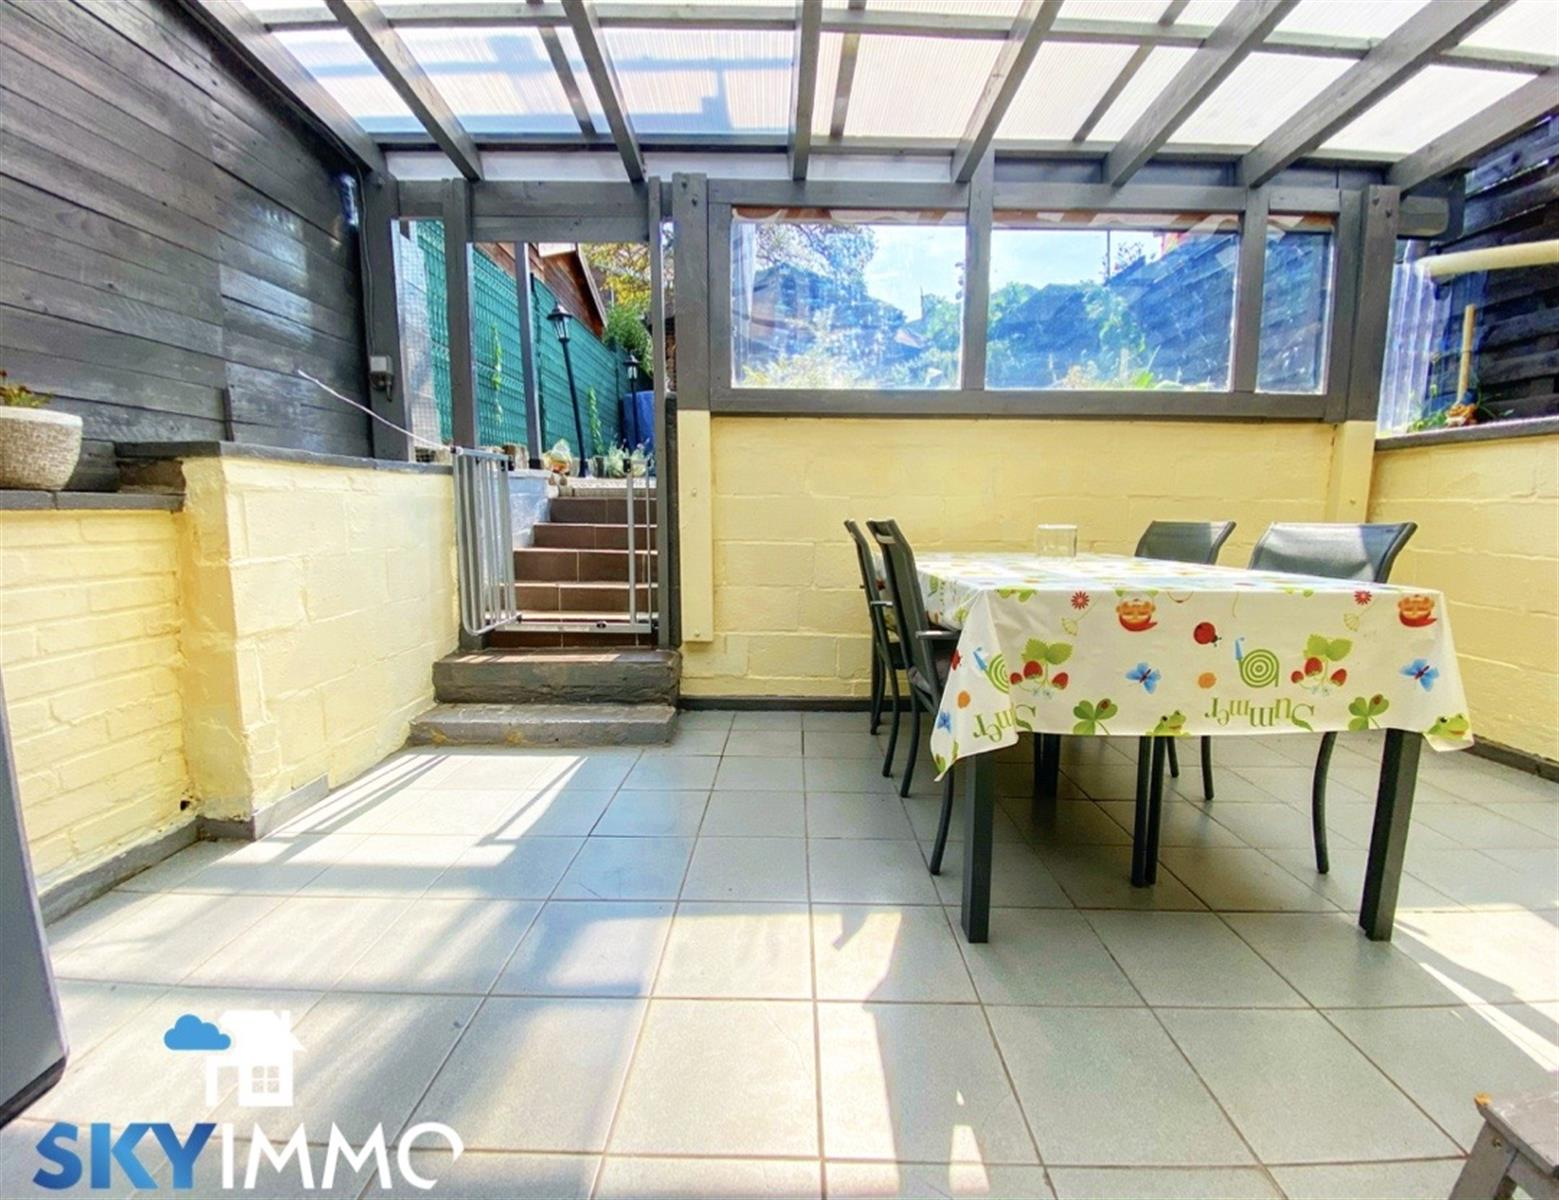 Maison - Liege - #4147640-13